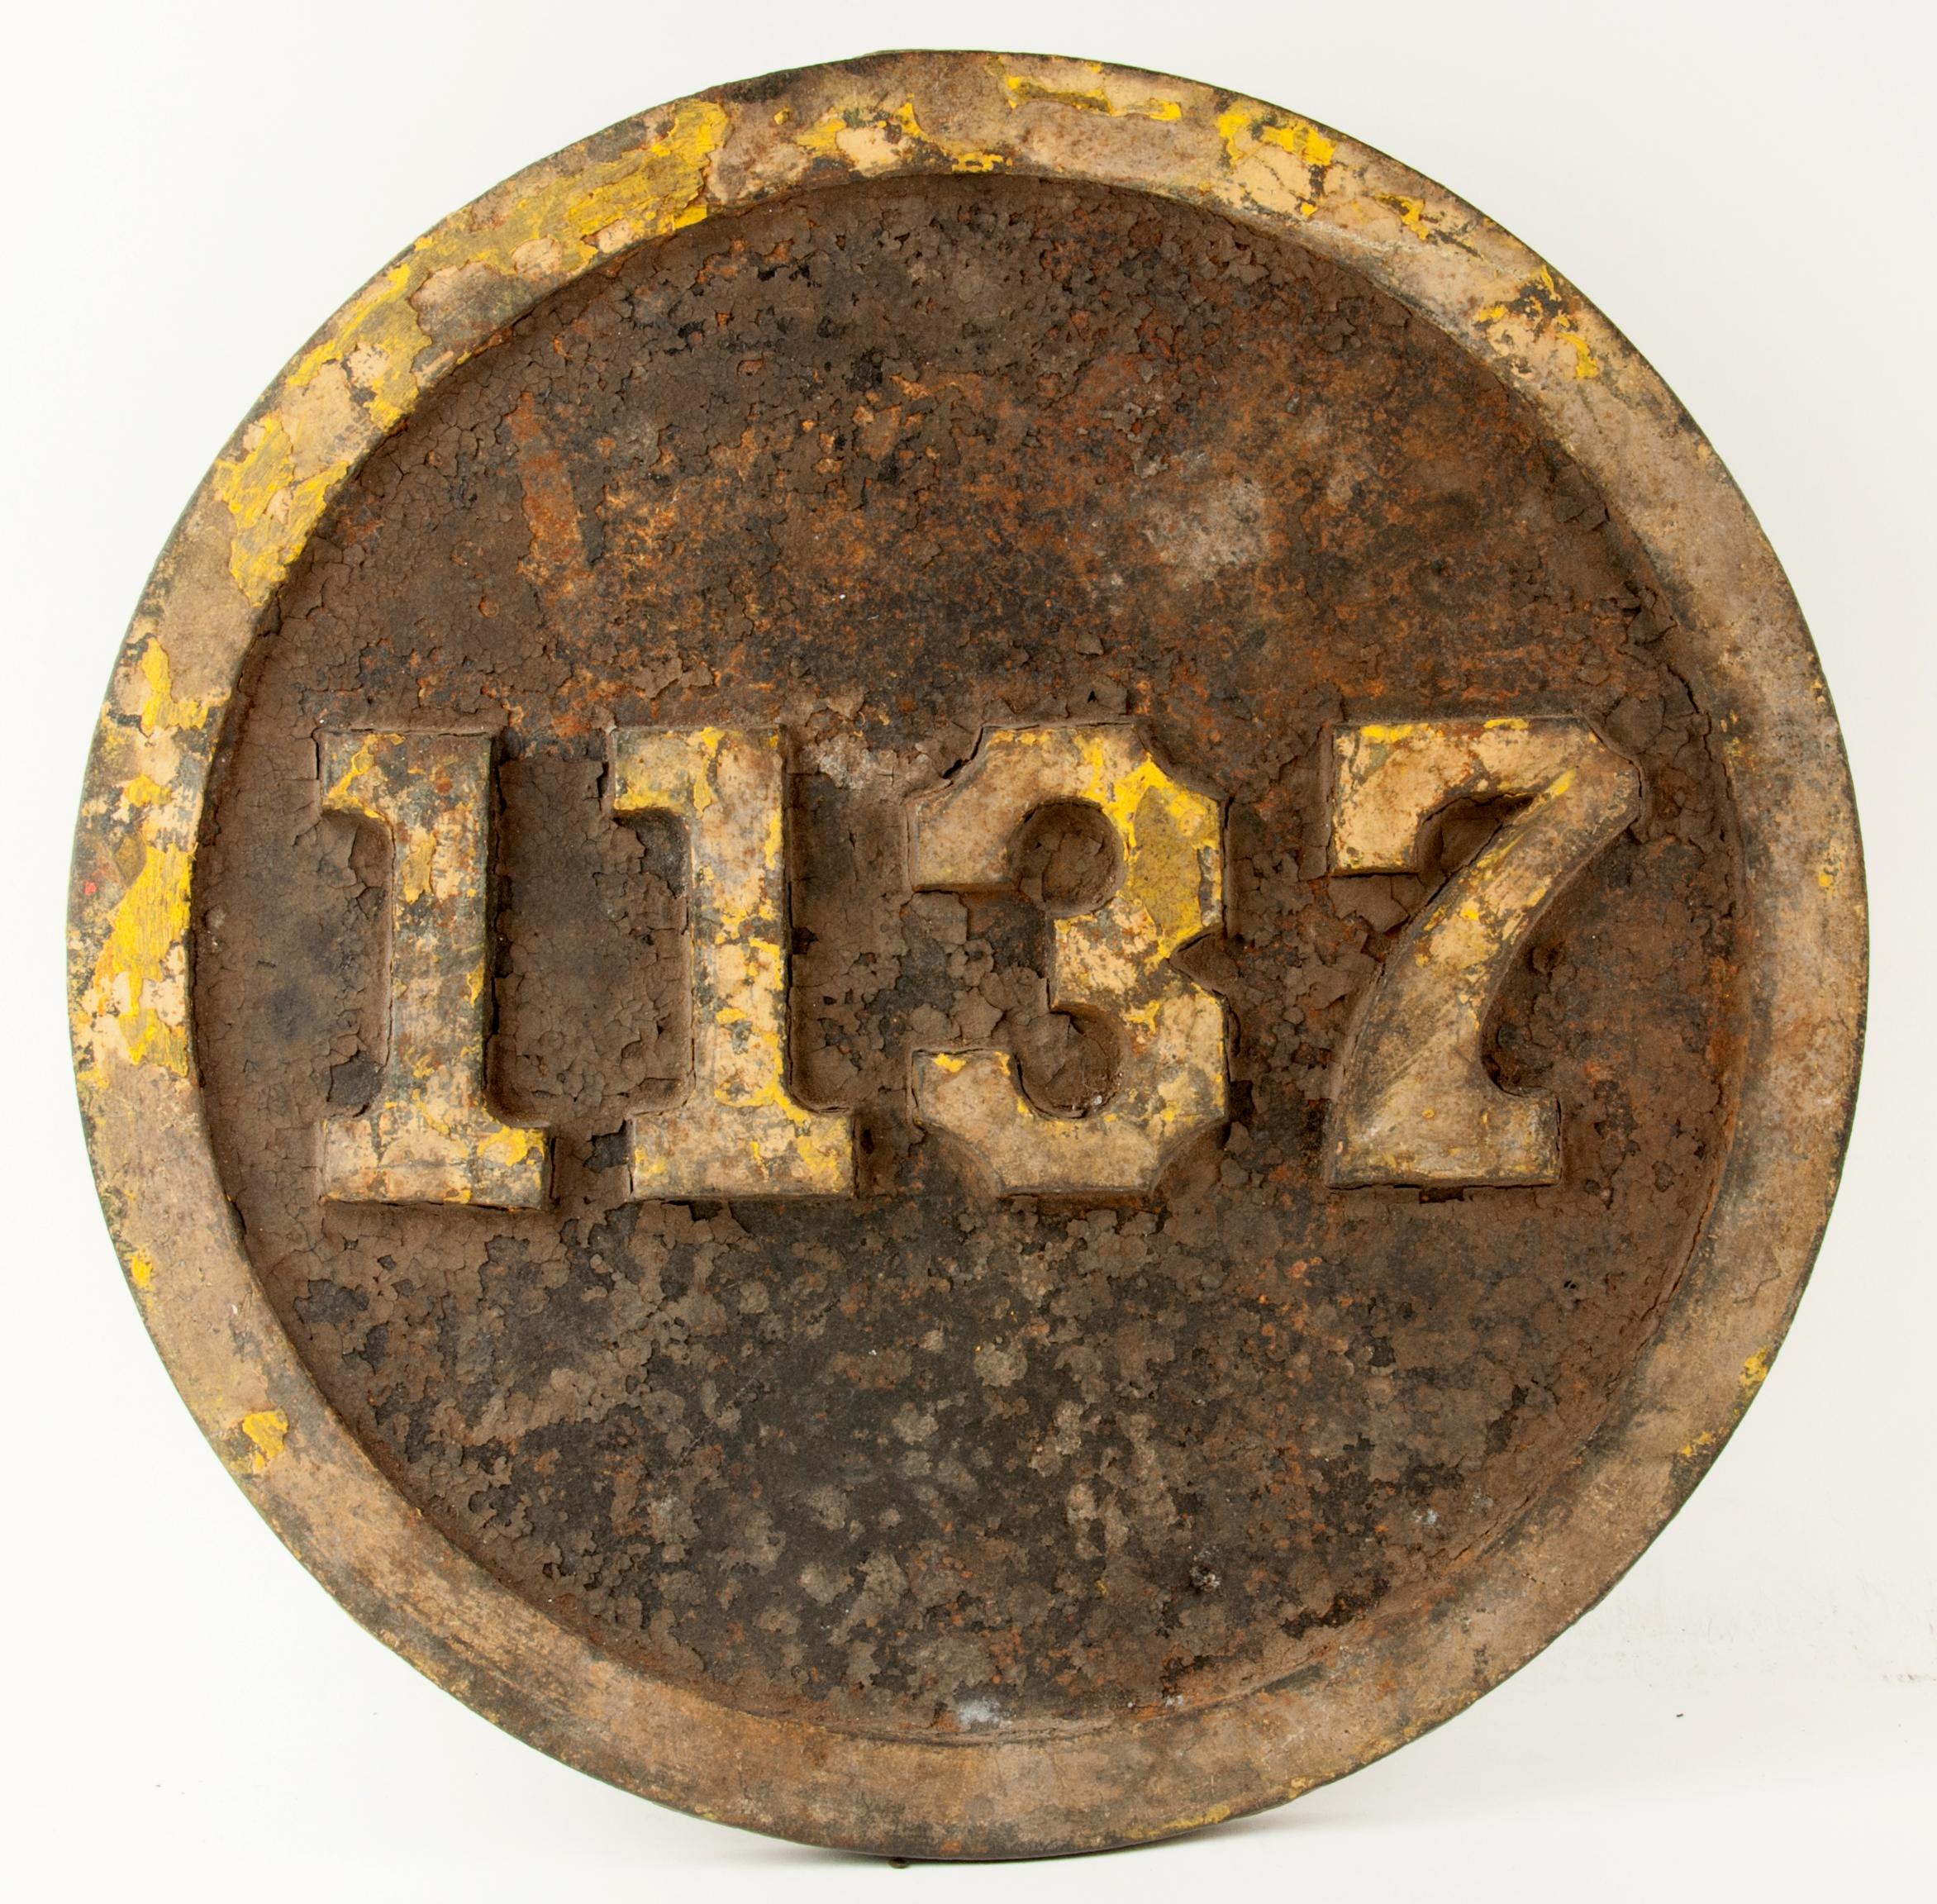 Prr Number Plate 1137 L1s 2 8 2 Mikado Locomotive Manifest Auctions